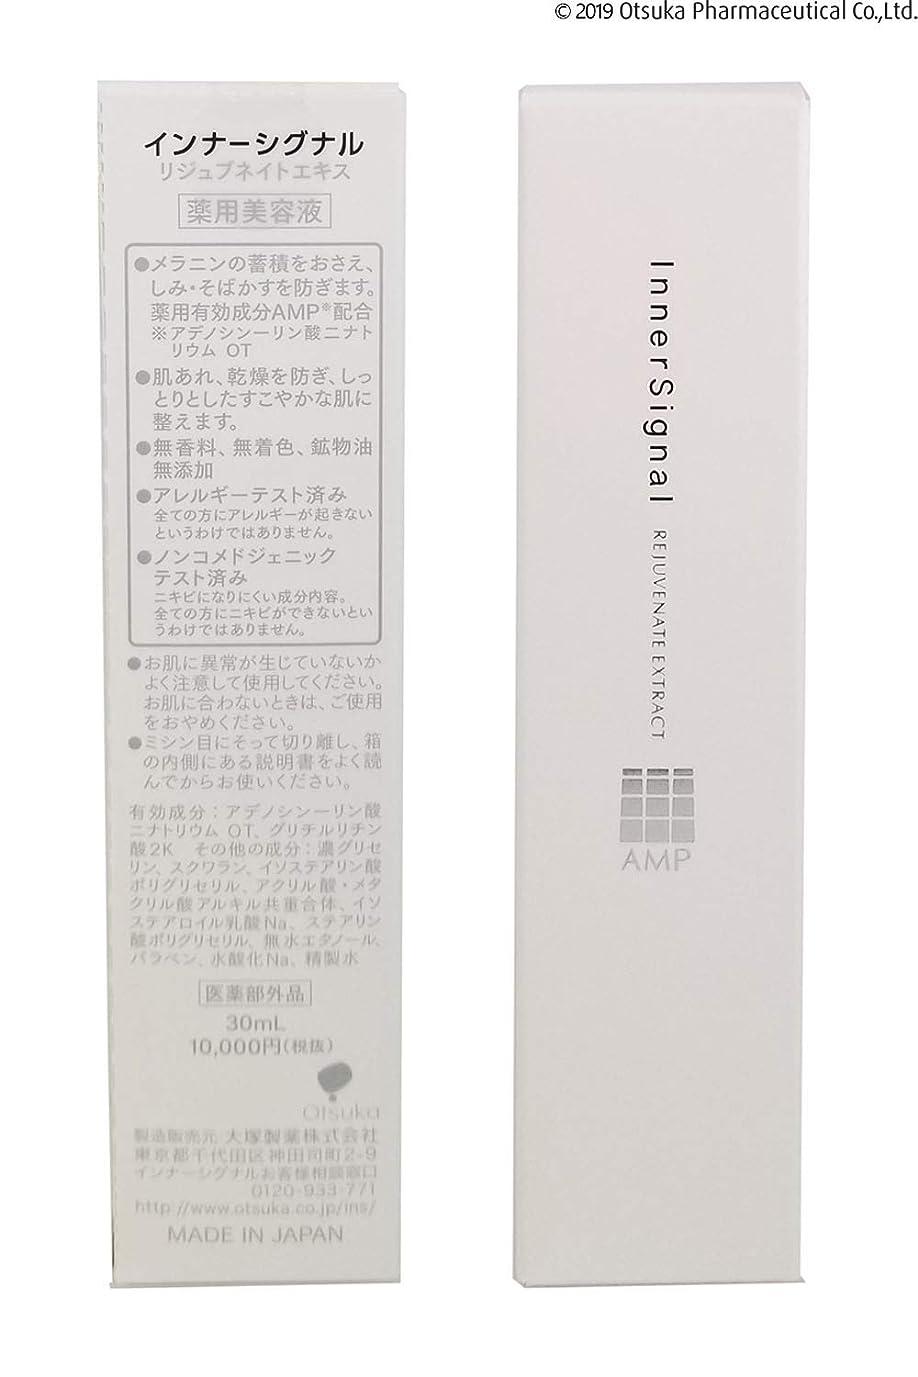 本体報復する素人大塚製薬 【医薬部外品】 インナーシグナル エキス 30mL (薬用美容液)52981